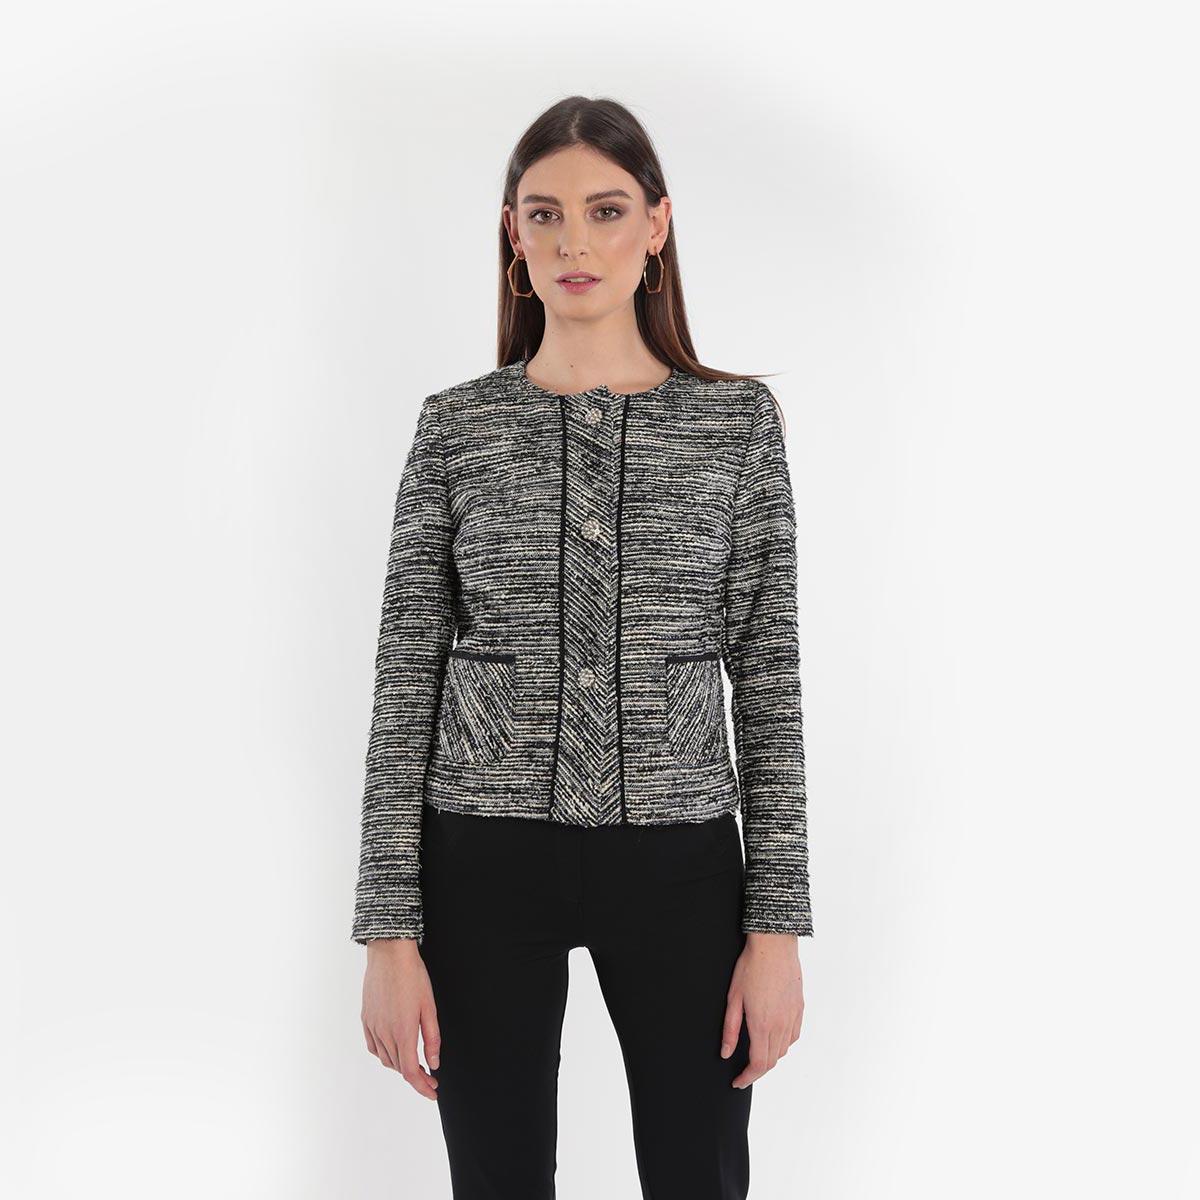 Giacca chanel primavera 2020 Meteore Fashion